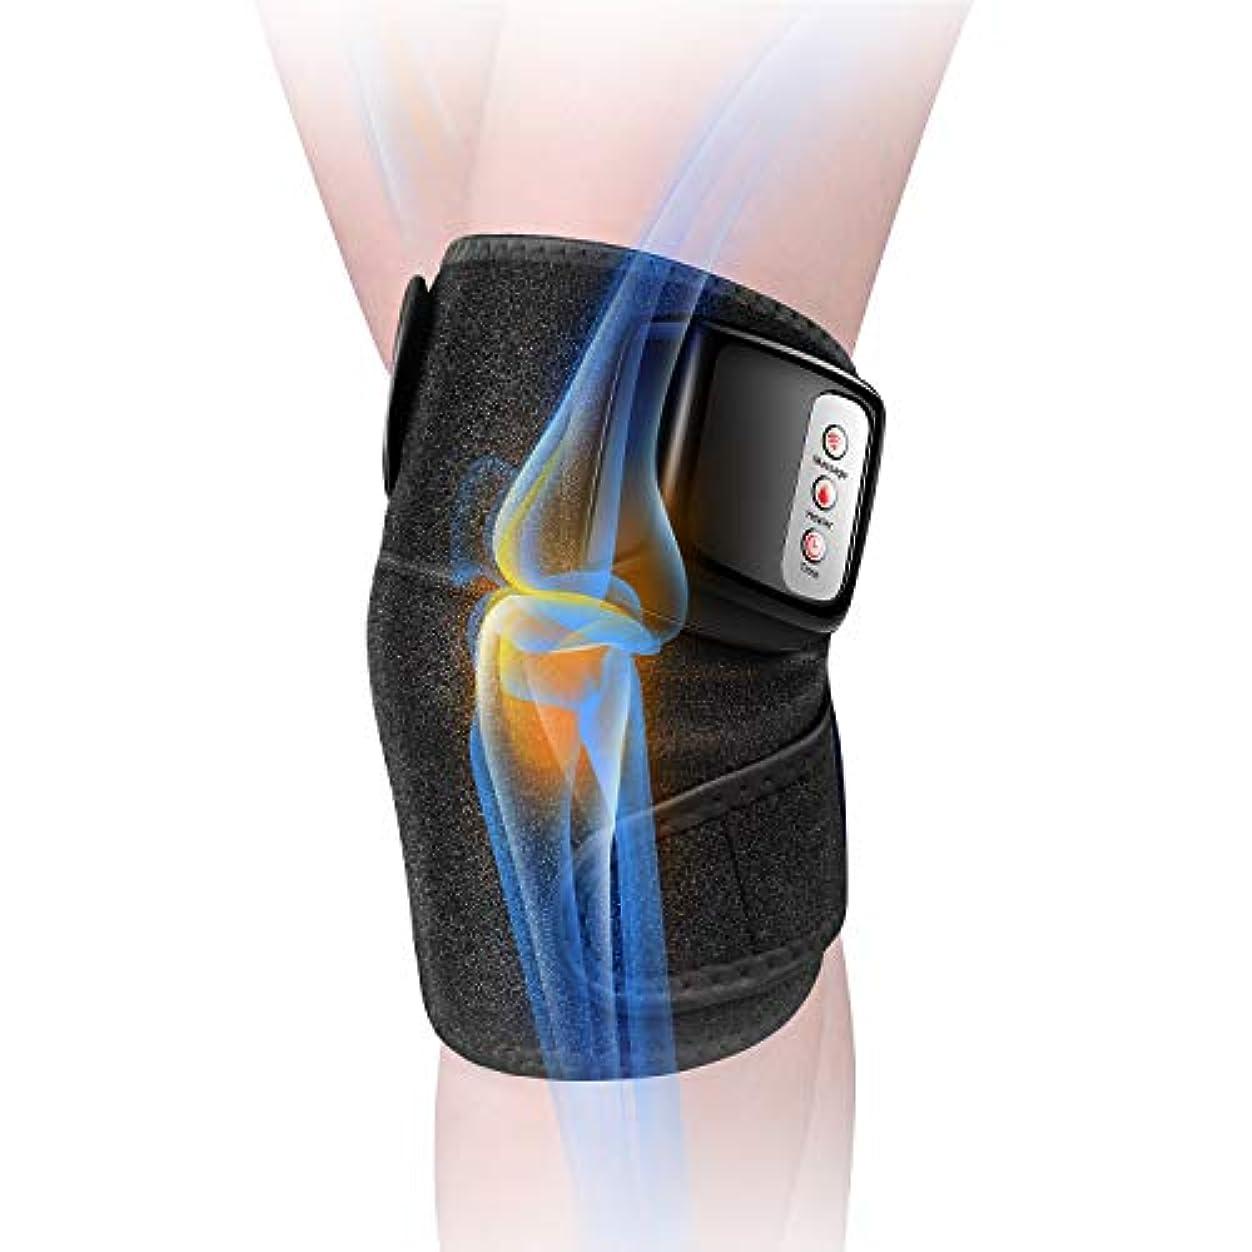 状ビジター不適切な膝マッサージャー 関節マッサージャー マッサージ器 フットマッサージャー 振動 赤外線療法 温熱療法 膝サポーター ストレス解消 肩 太もも/腕対応